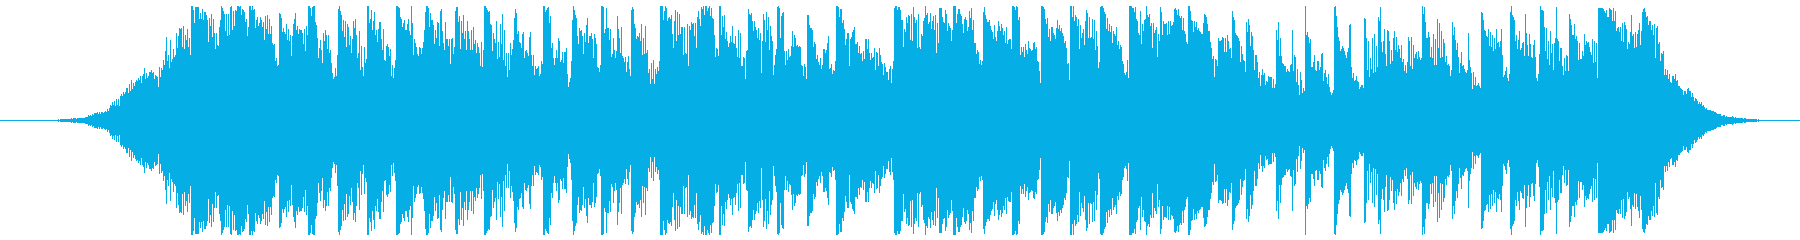 会社の事業プレゼン用トラック-15秒の再生済みの波形